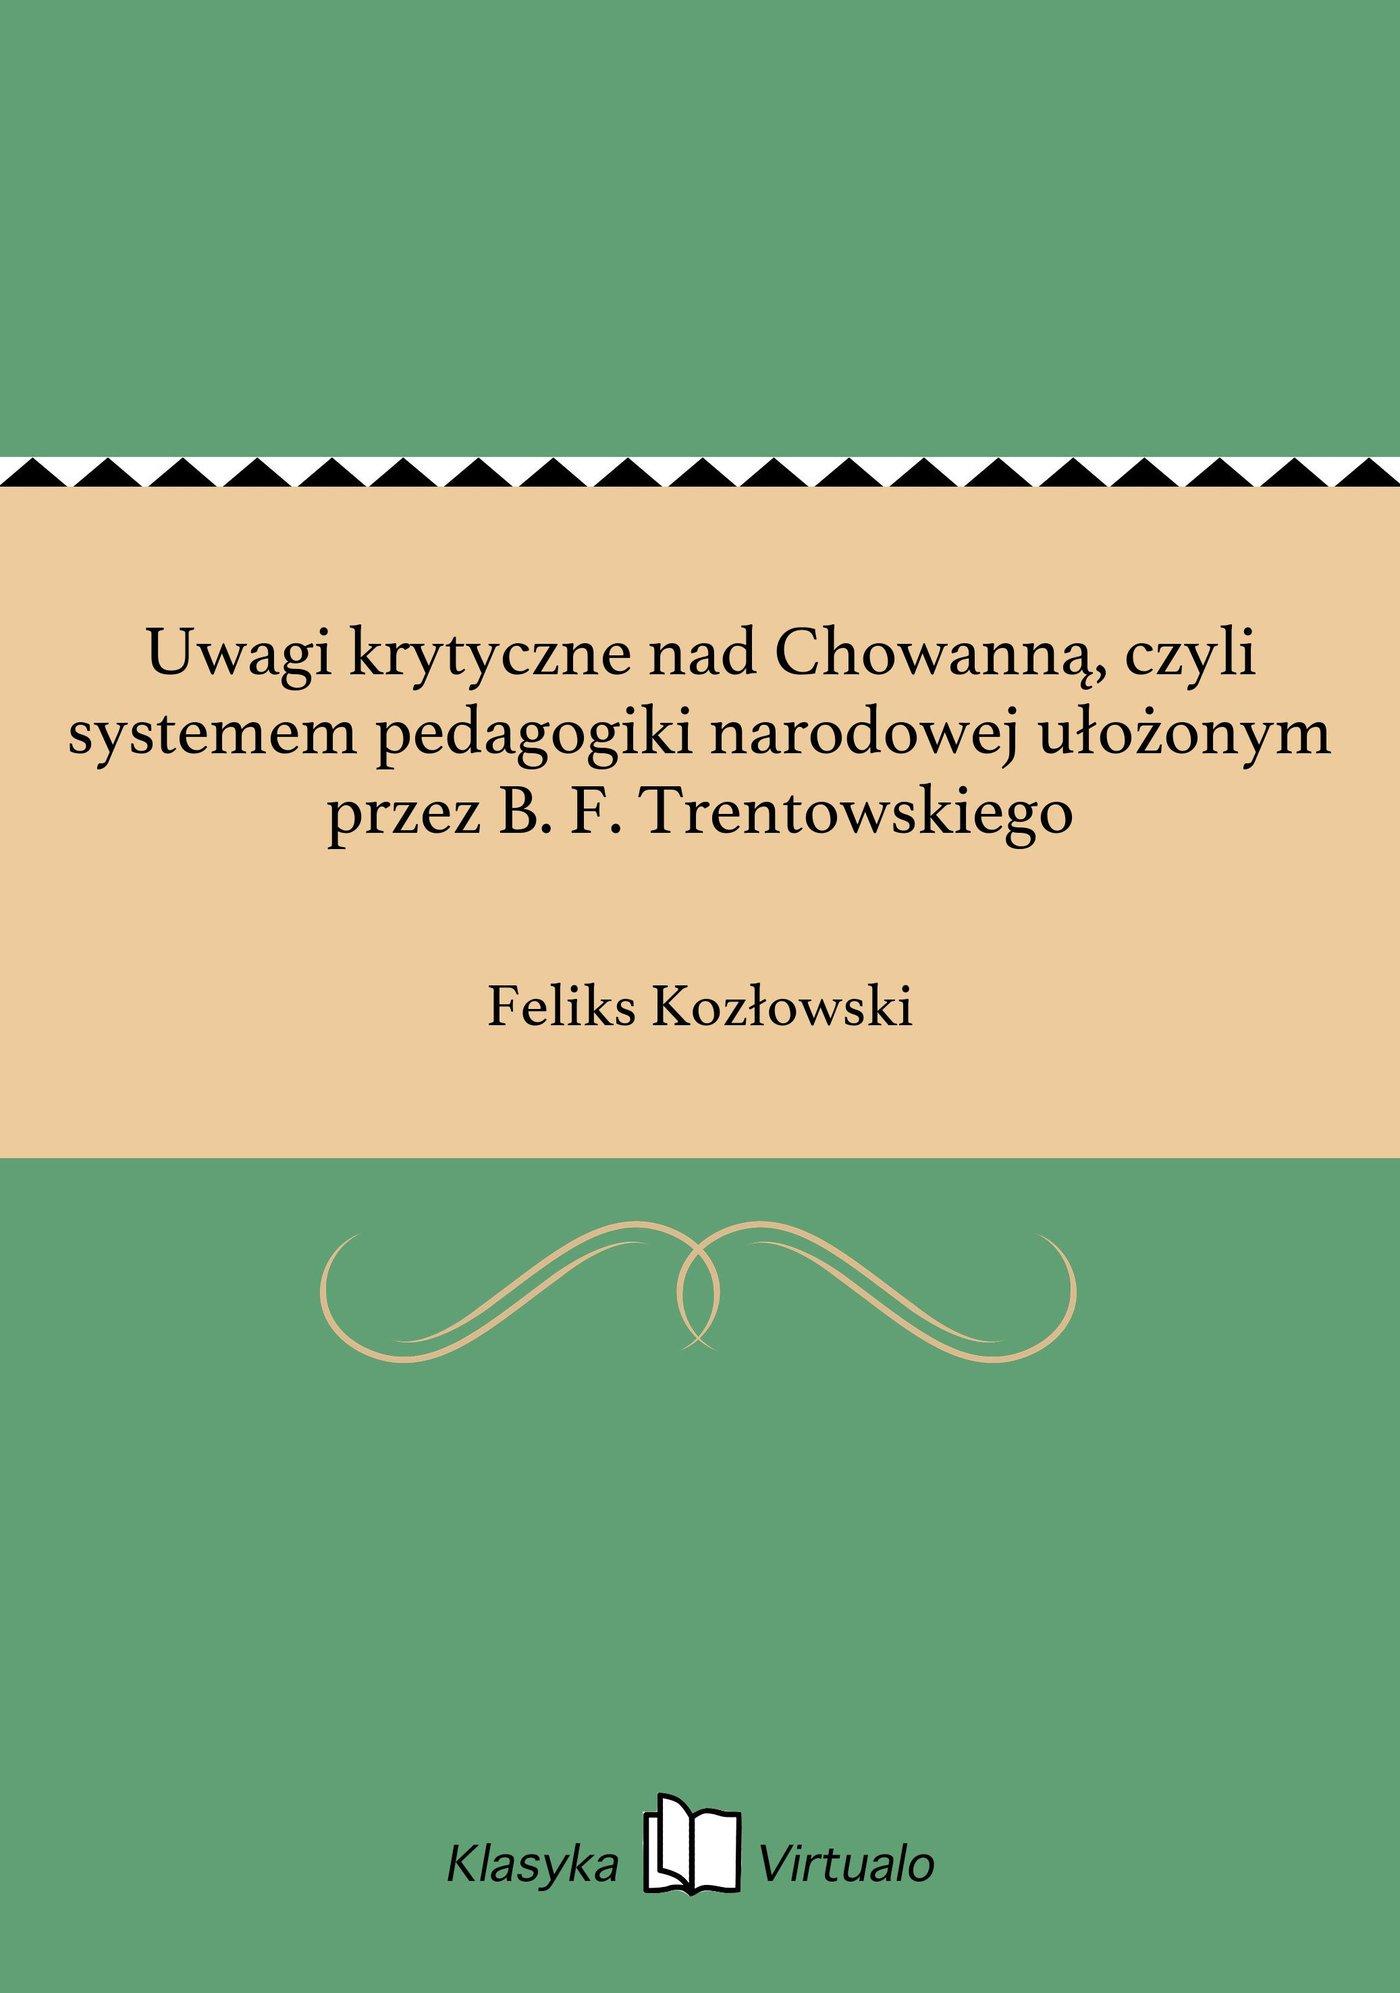 Uwagi krytyczne nad Chowanną, czyli systemem pedagogiki narodowej ułożonym przez B. F. Trentowskiego - Ebook (Książka EPUB) do pobrania w formacie EPUB